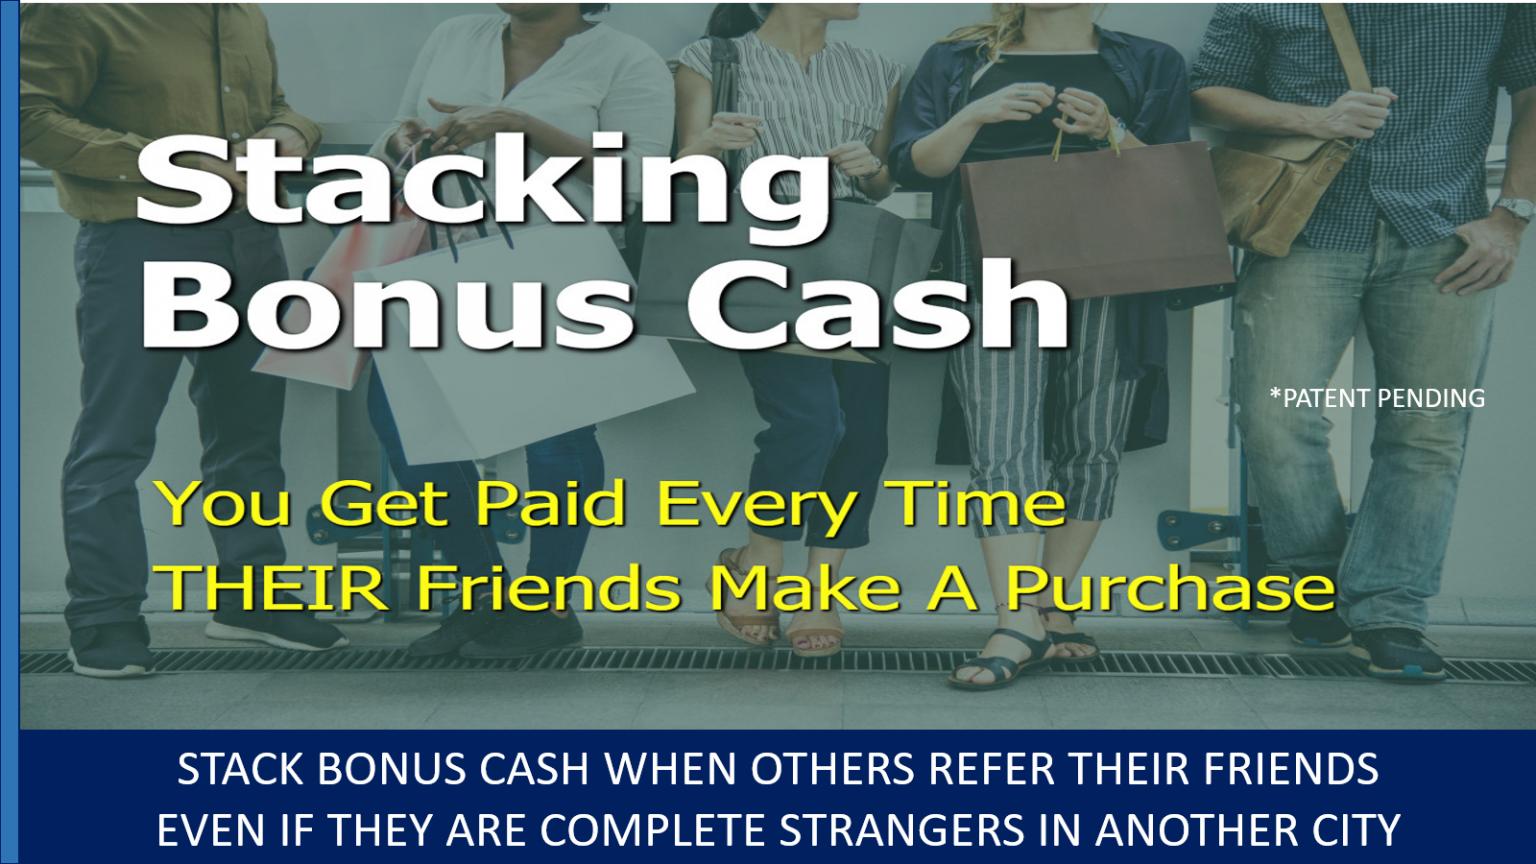 1919 - Stacking Bonus Cash - Ten10